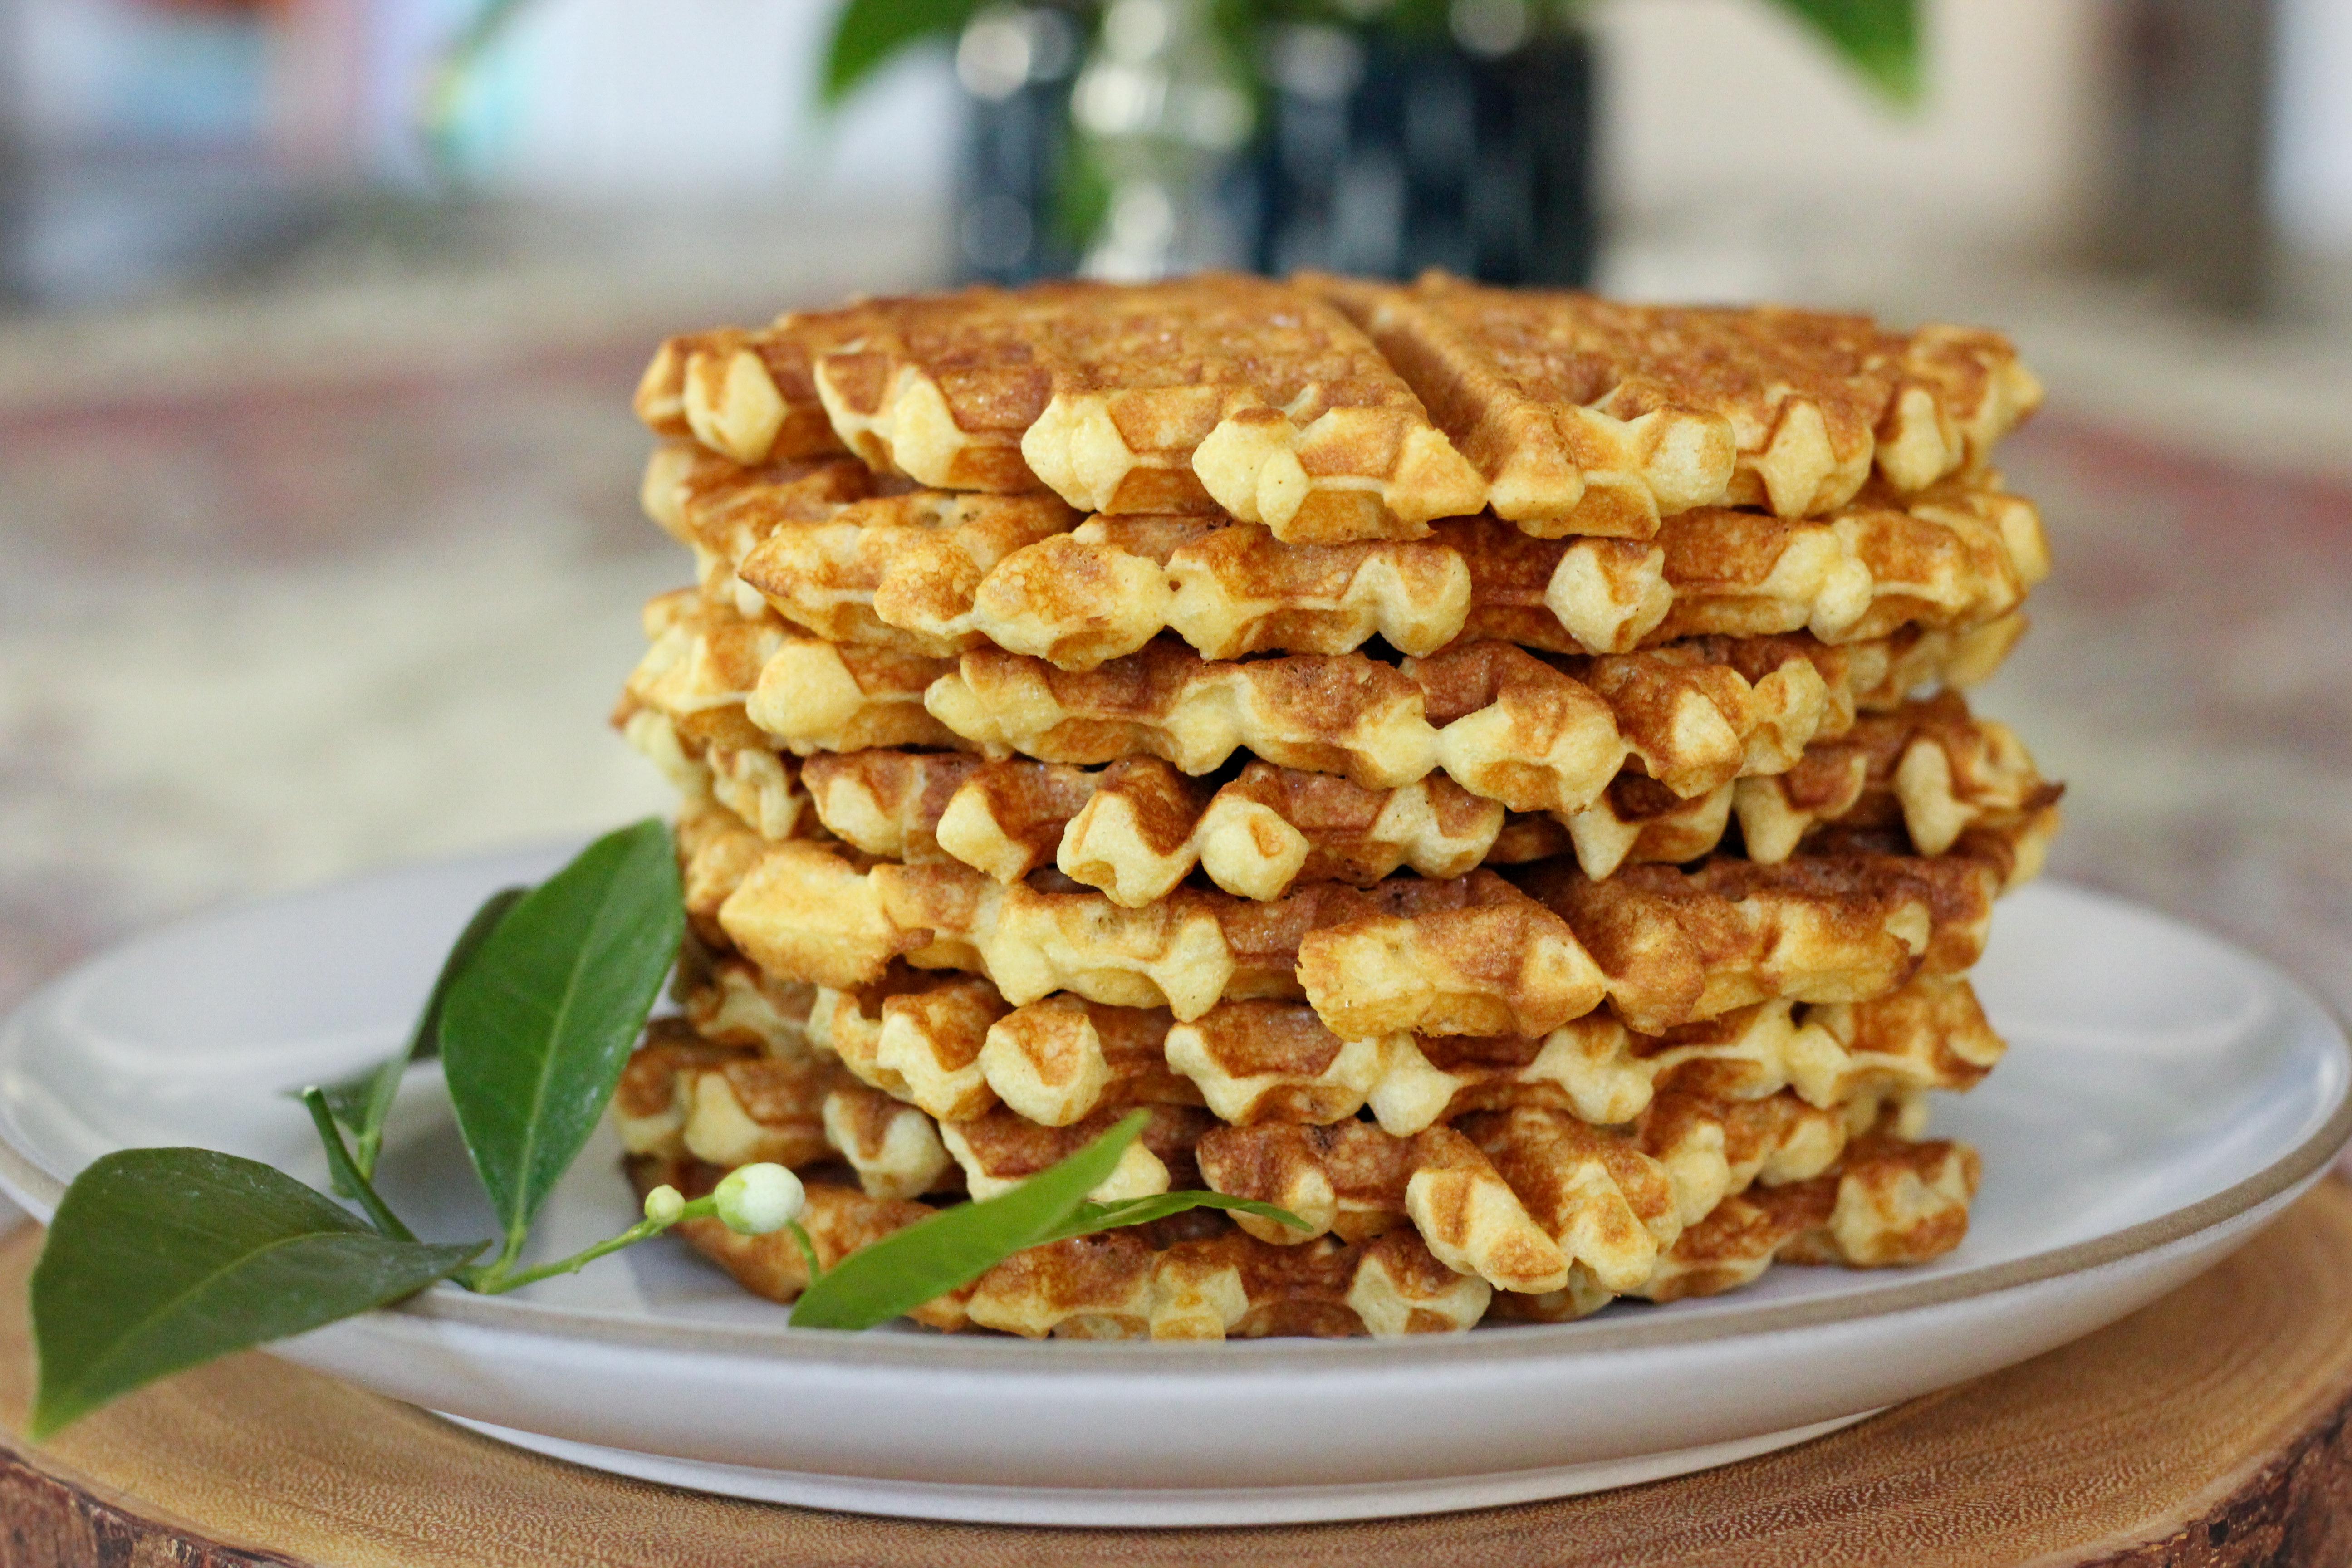 Gluten-Free Orange Blossom Buttermilk Waffles